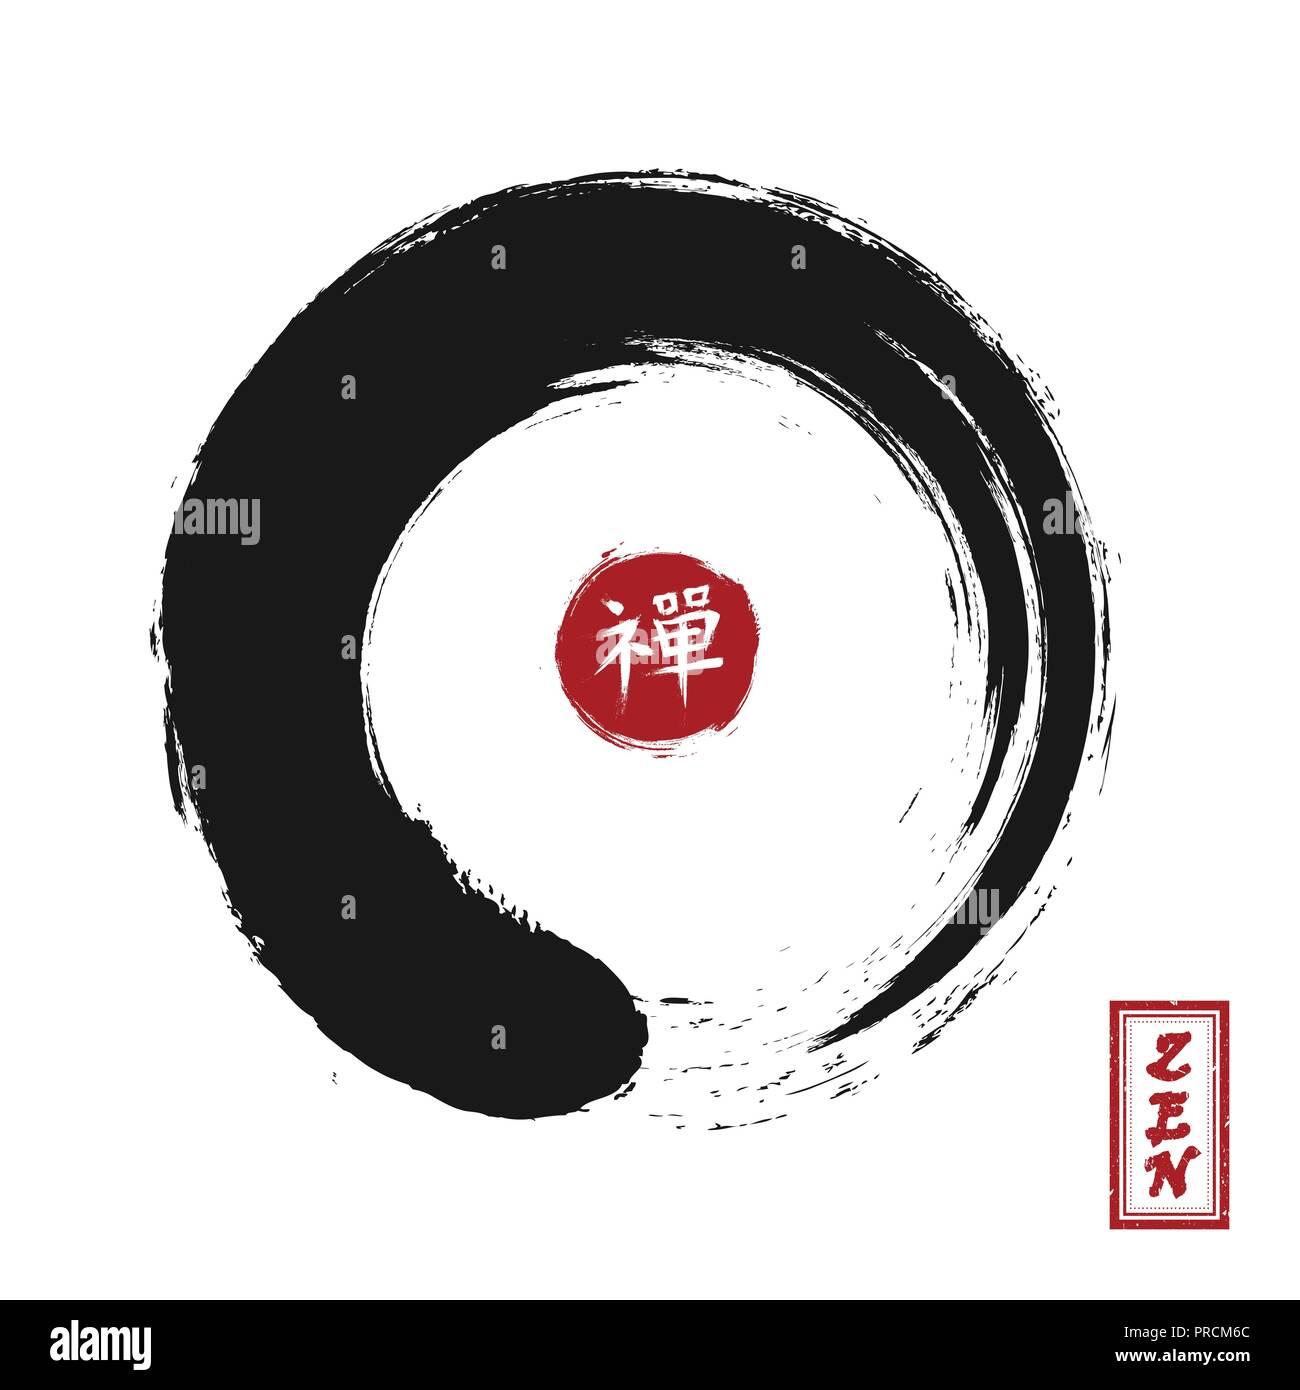 Enso Zen Circle Style Sumi E Design Black Color Red Circular